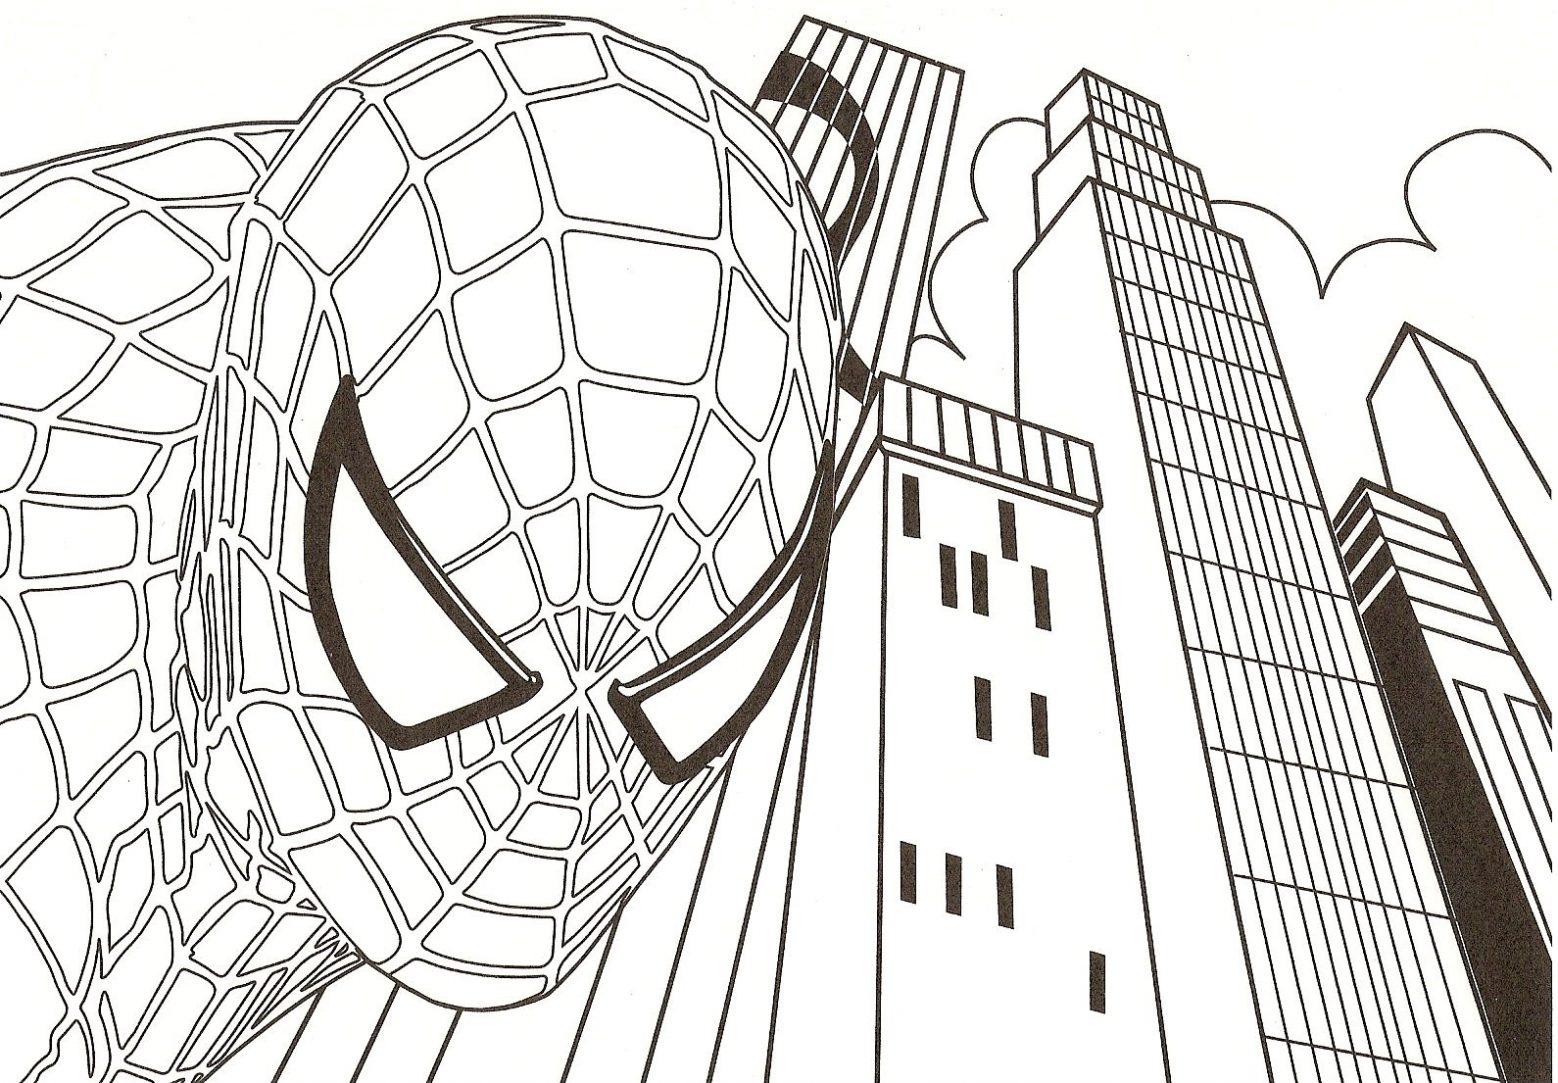 Dibujo Para Imprimir Y Colorear De Spiderman Y Los Rascacielos